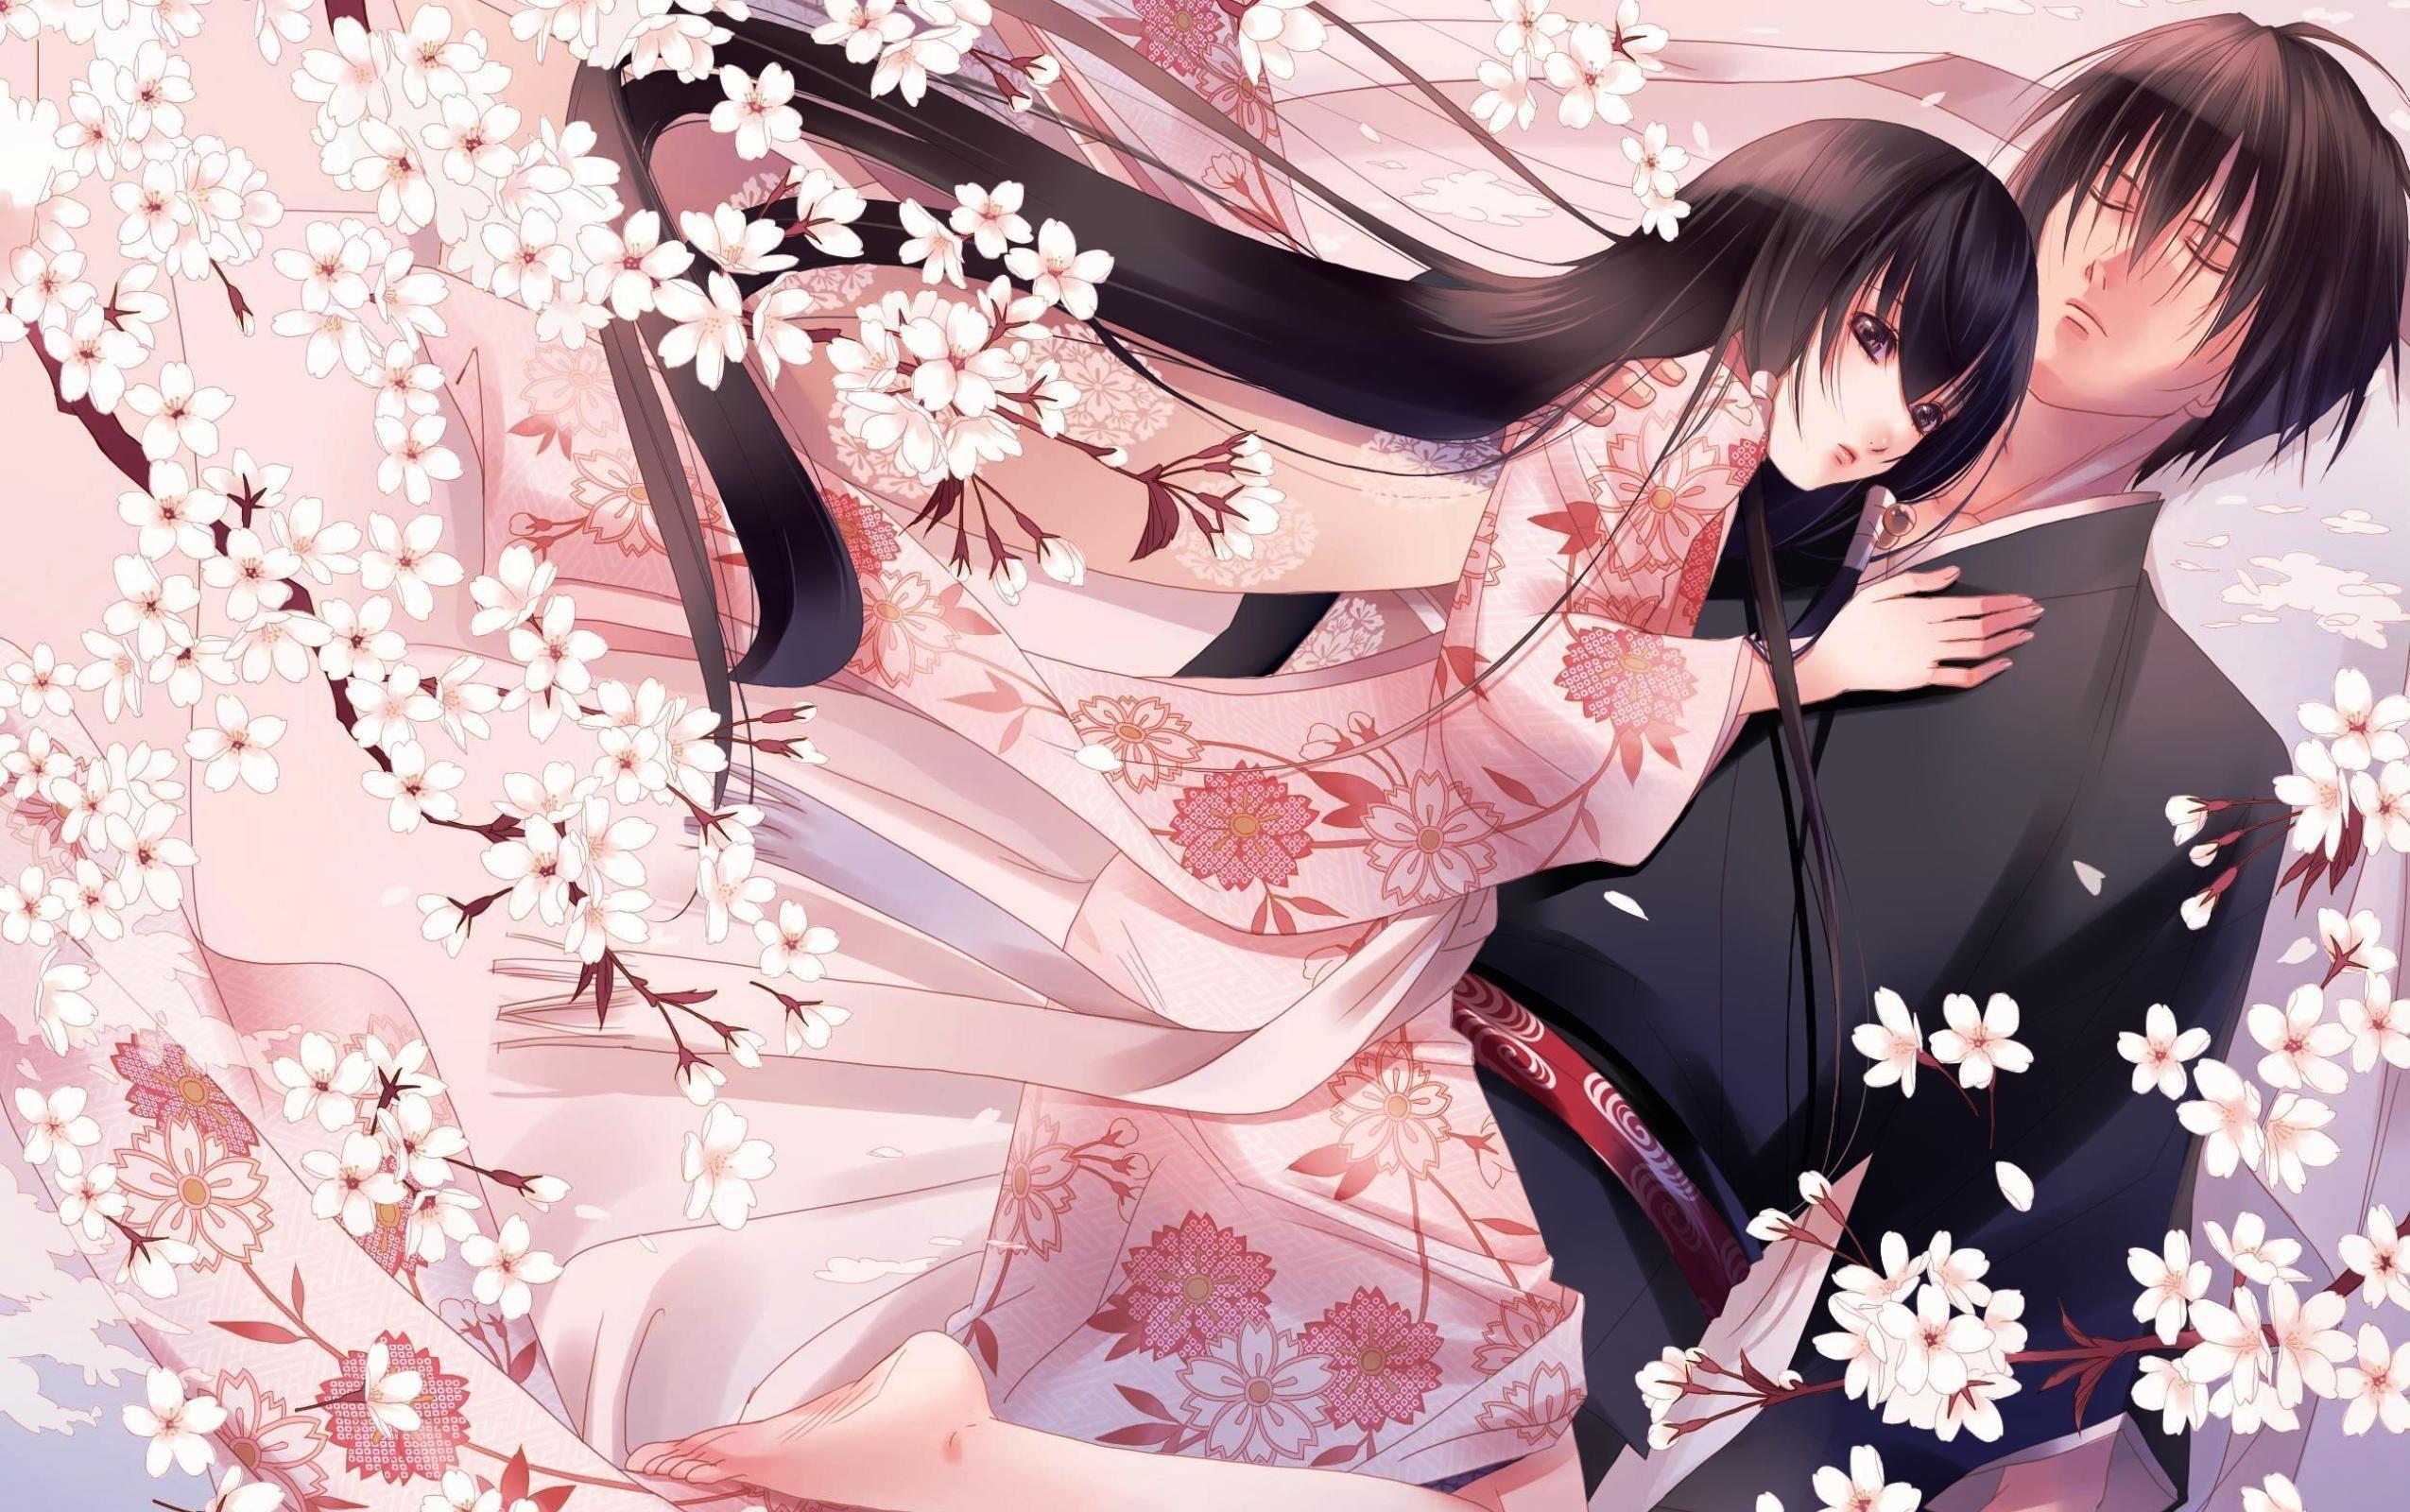 Anime CouplePink Sakura Flower Wallpaper Anime Couples